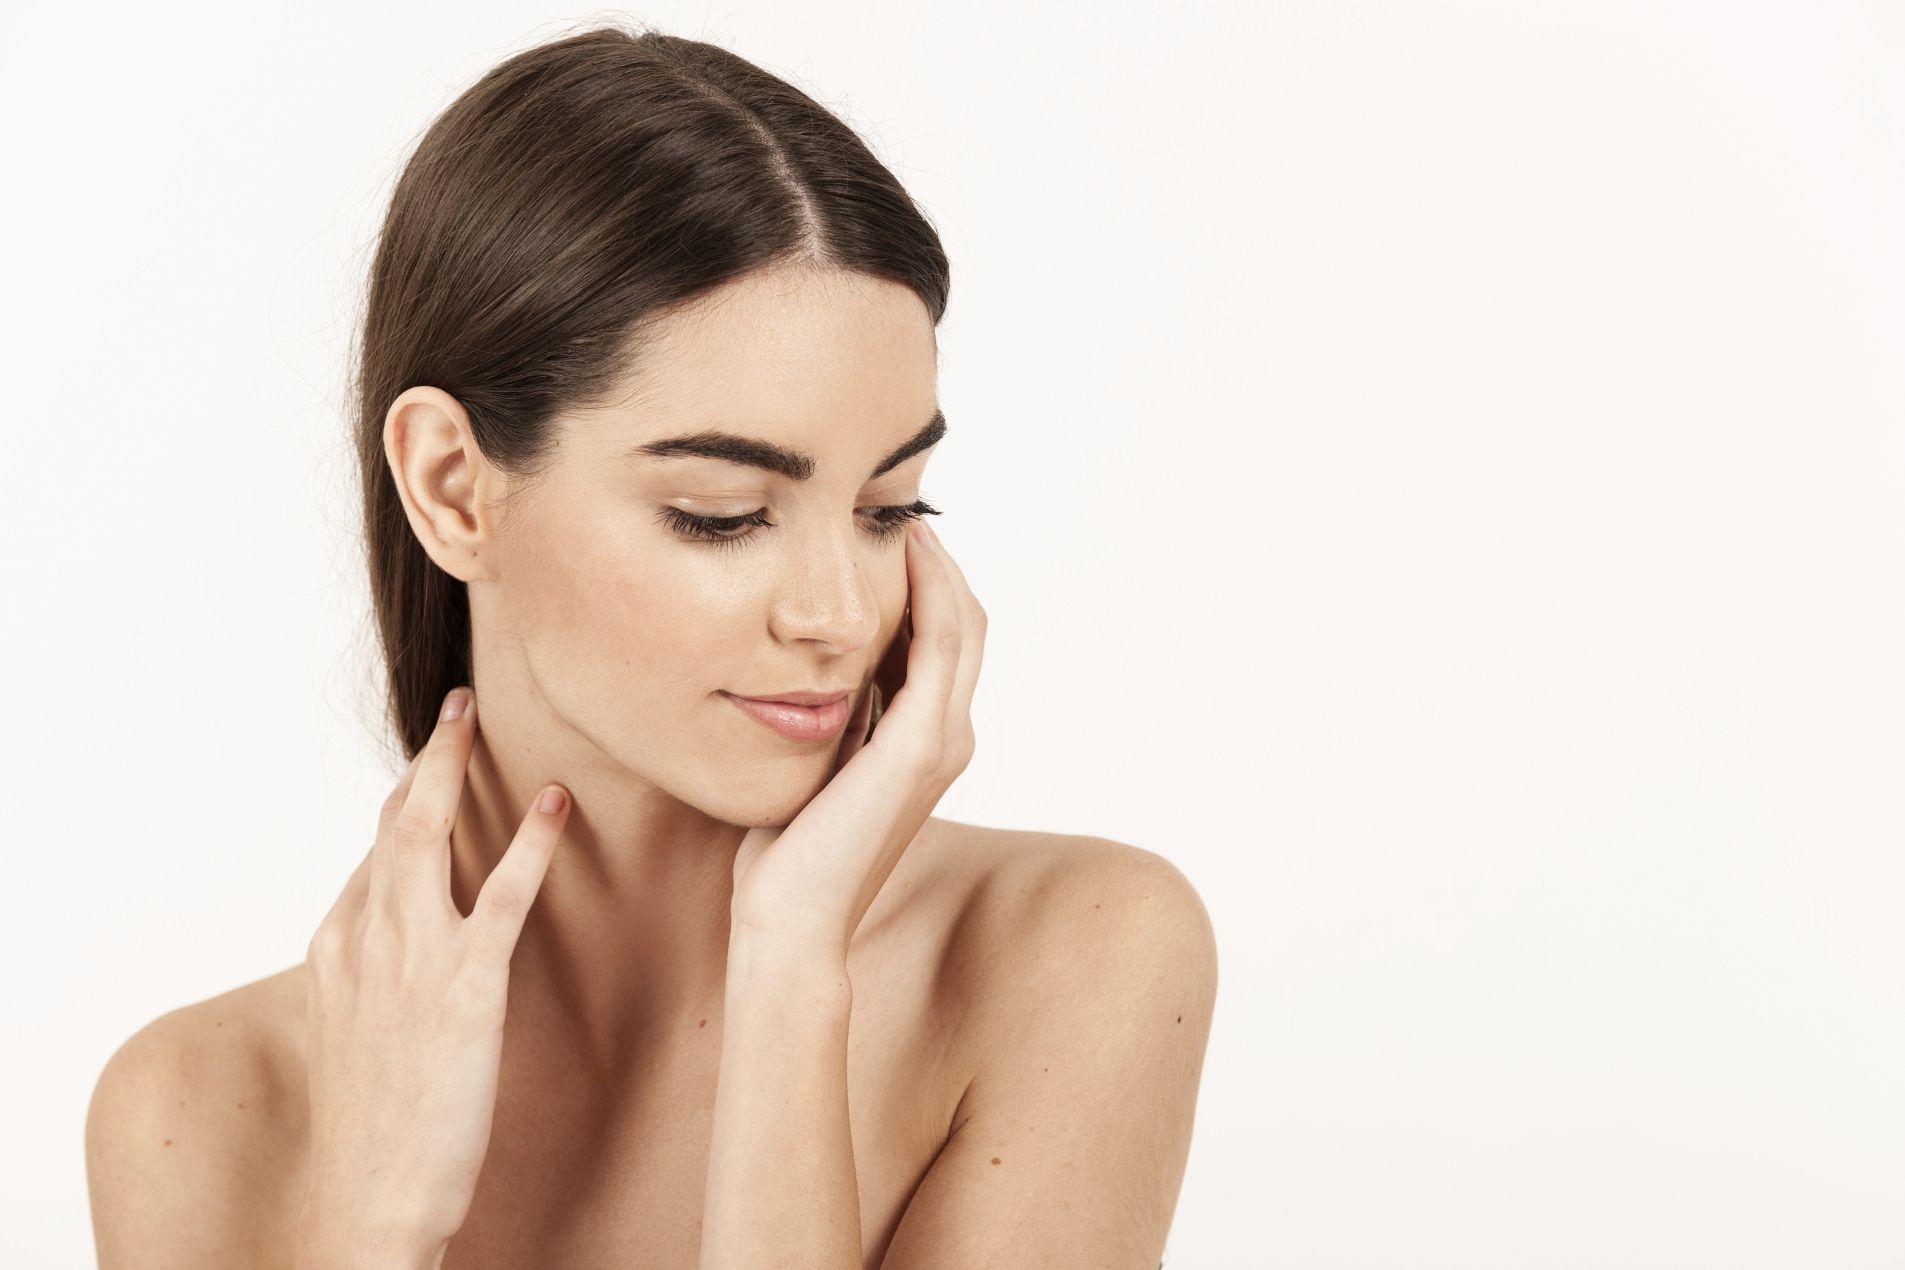 Les produits cosmétiques sont-ils dangereux pour votre santé ?